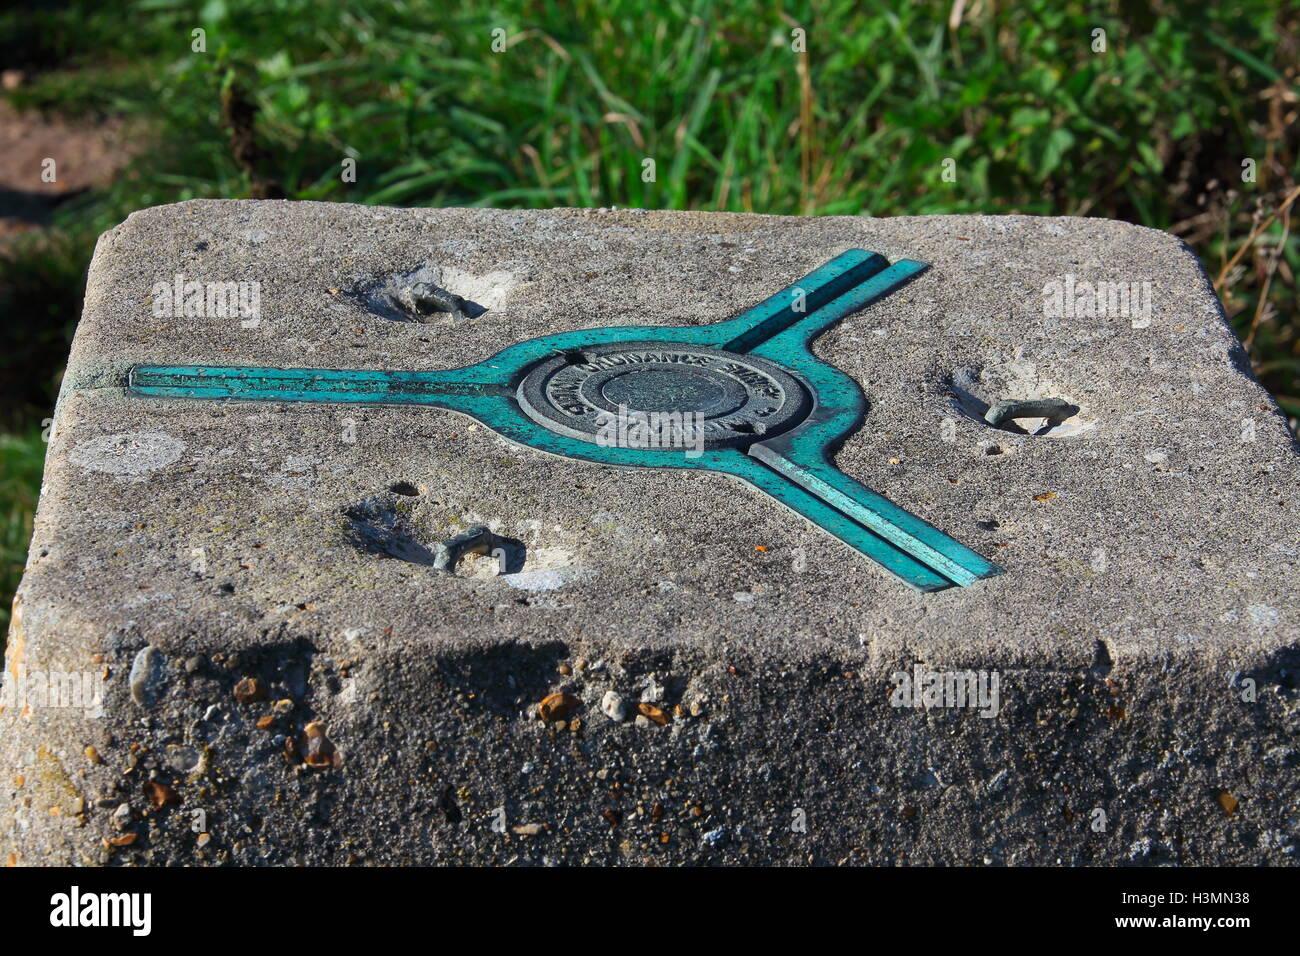 Punto de triangulación de bronce fundido moldeado en un cuadrado de hormigón peg excavados en el suelo Imagen De Stock